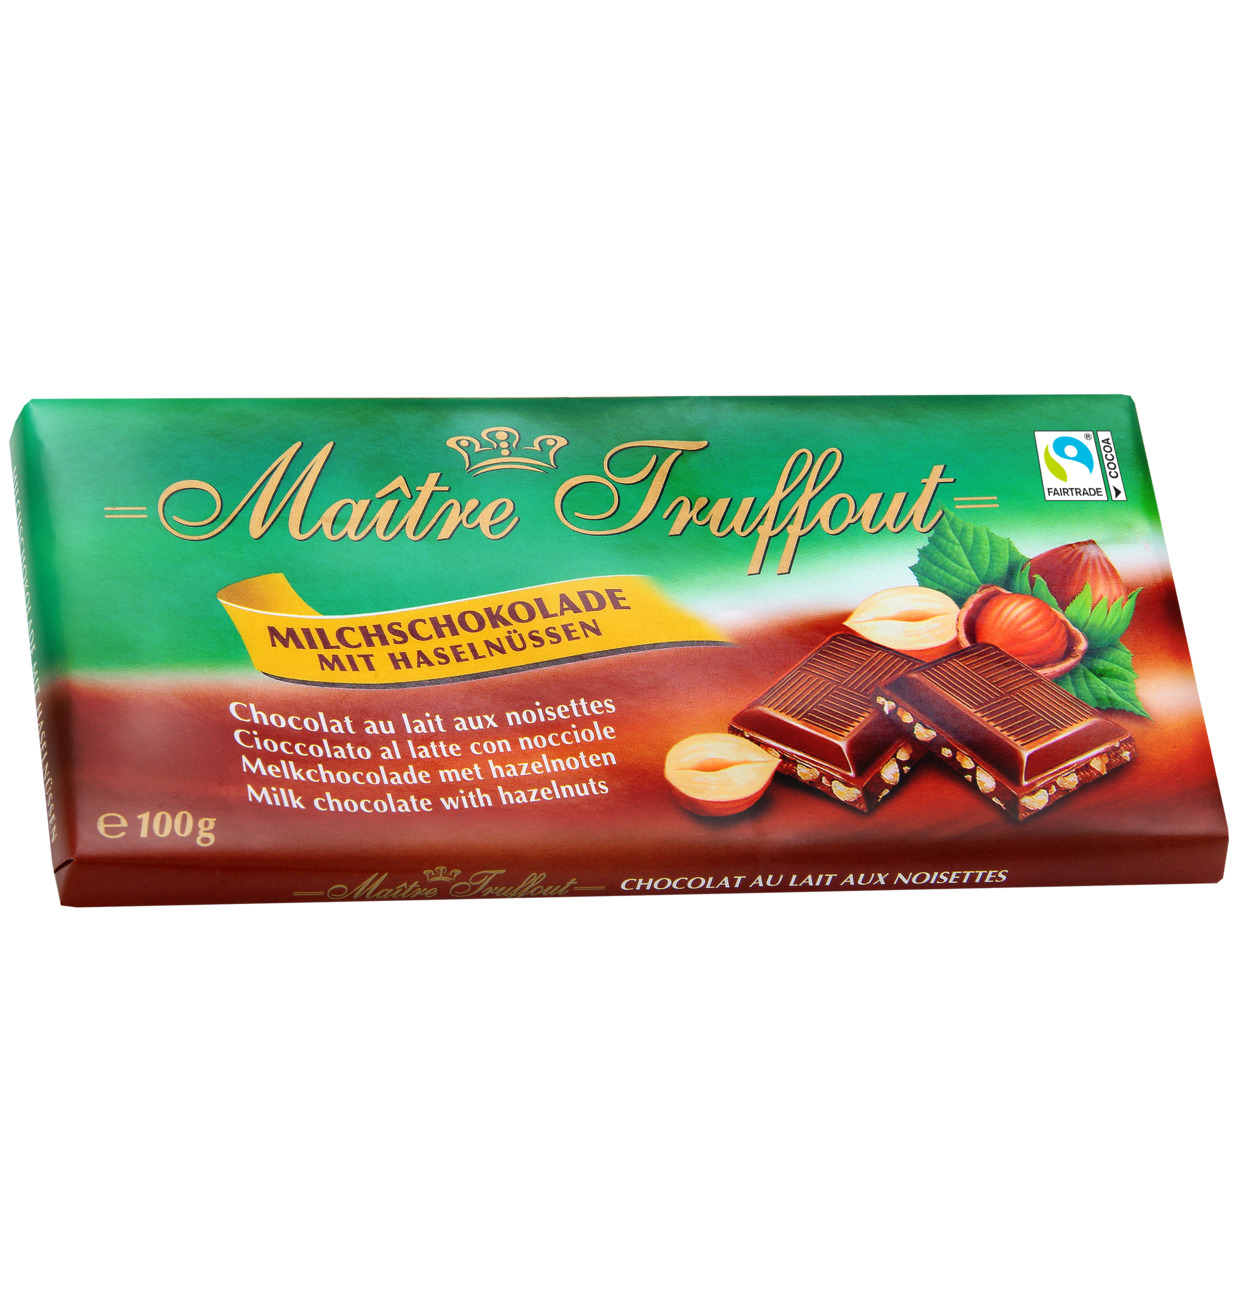 Milchschokolade mit Haselnuss